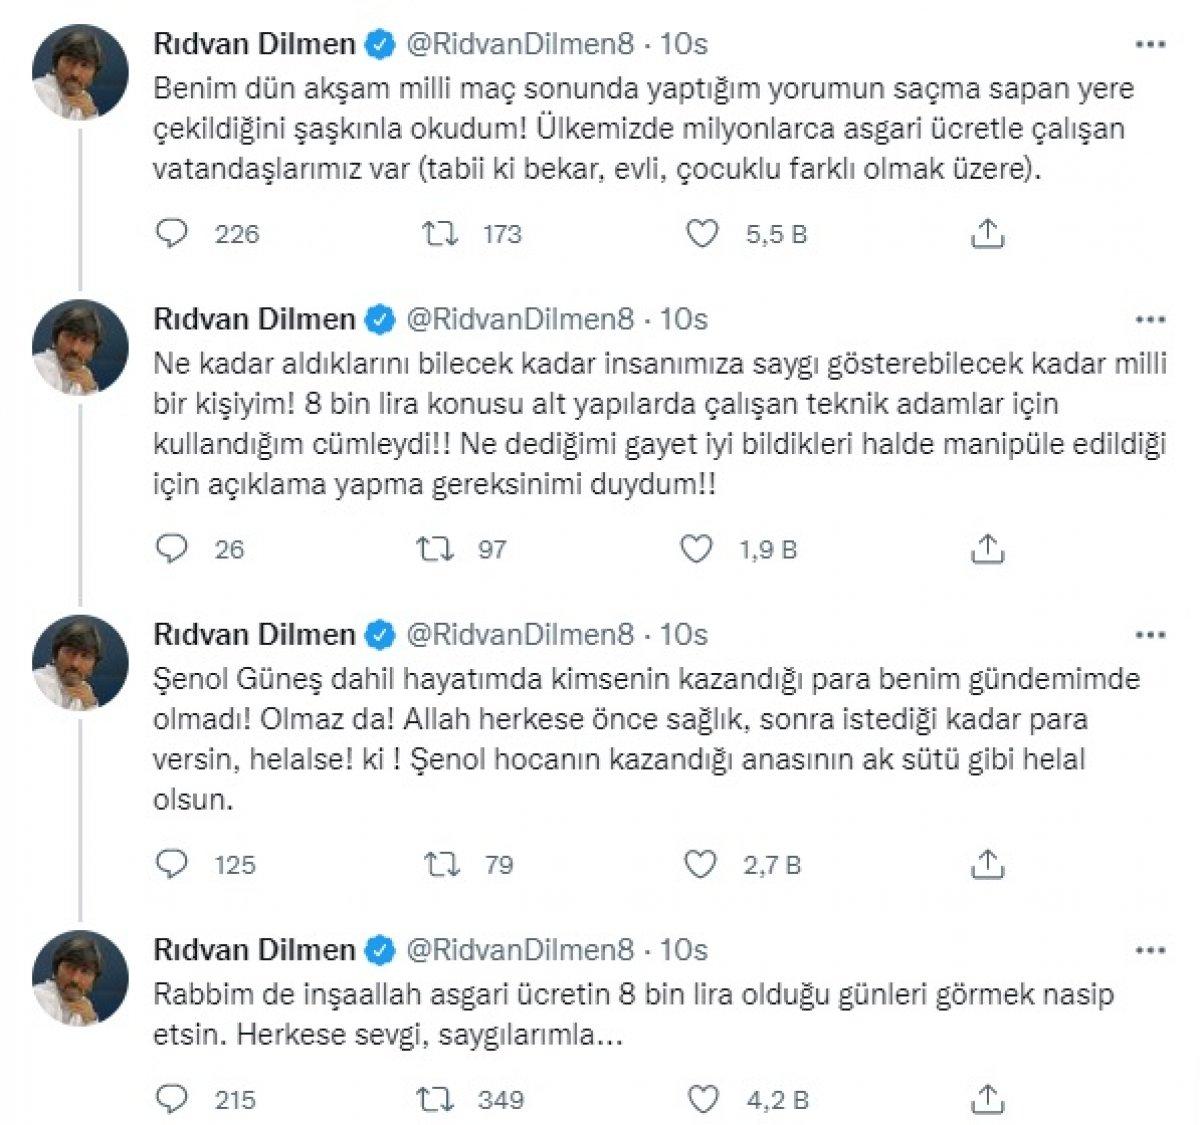 8 bin liraya çalışan insanlar var  demişti! Rıdvan Dilmen o sözlerine açıklık getirdi #2